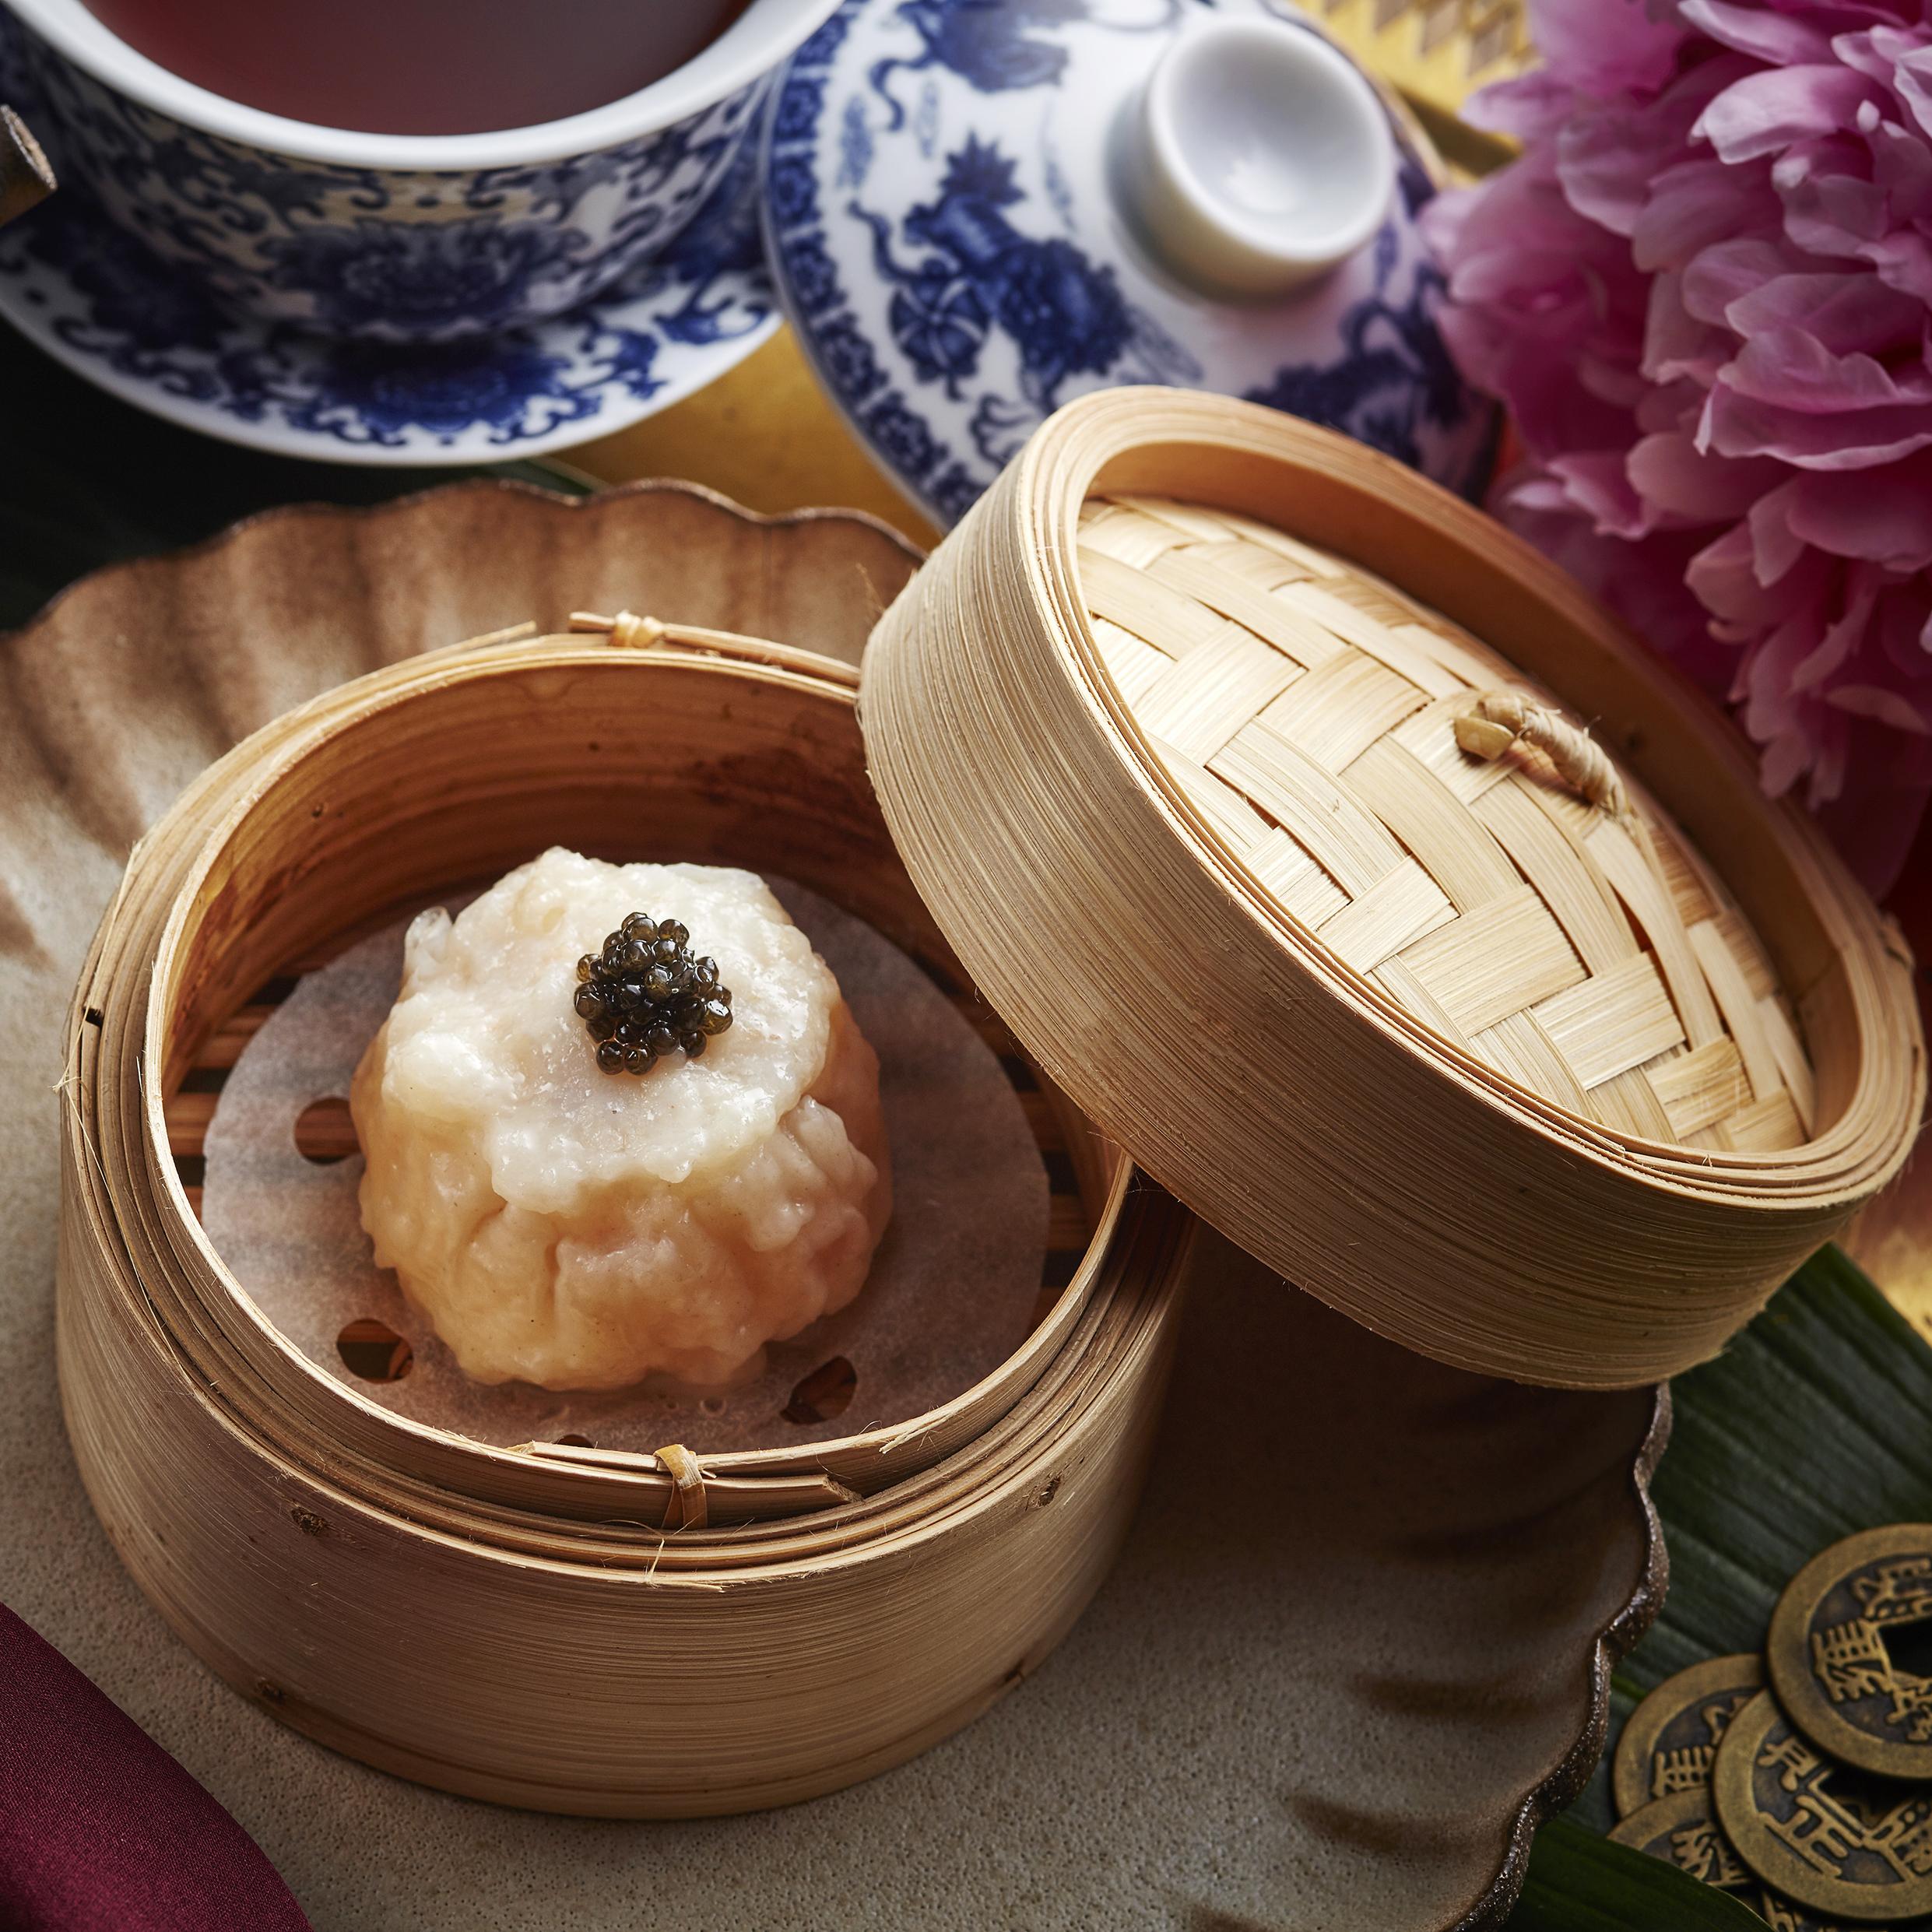 Duddells_Soft_boiled_quail_egg_and_pork_dumpling_shrimp_broth_caviar.jpg